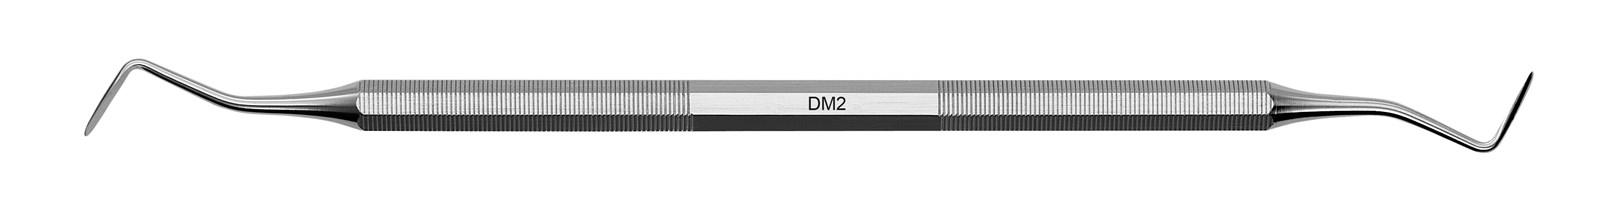 Lžičkové dlátko - DM2, ADEP červený